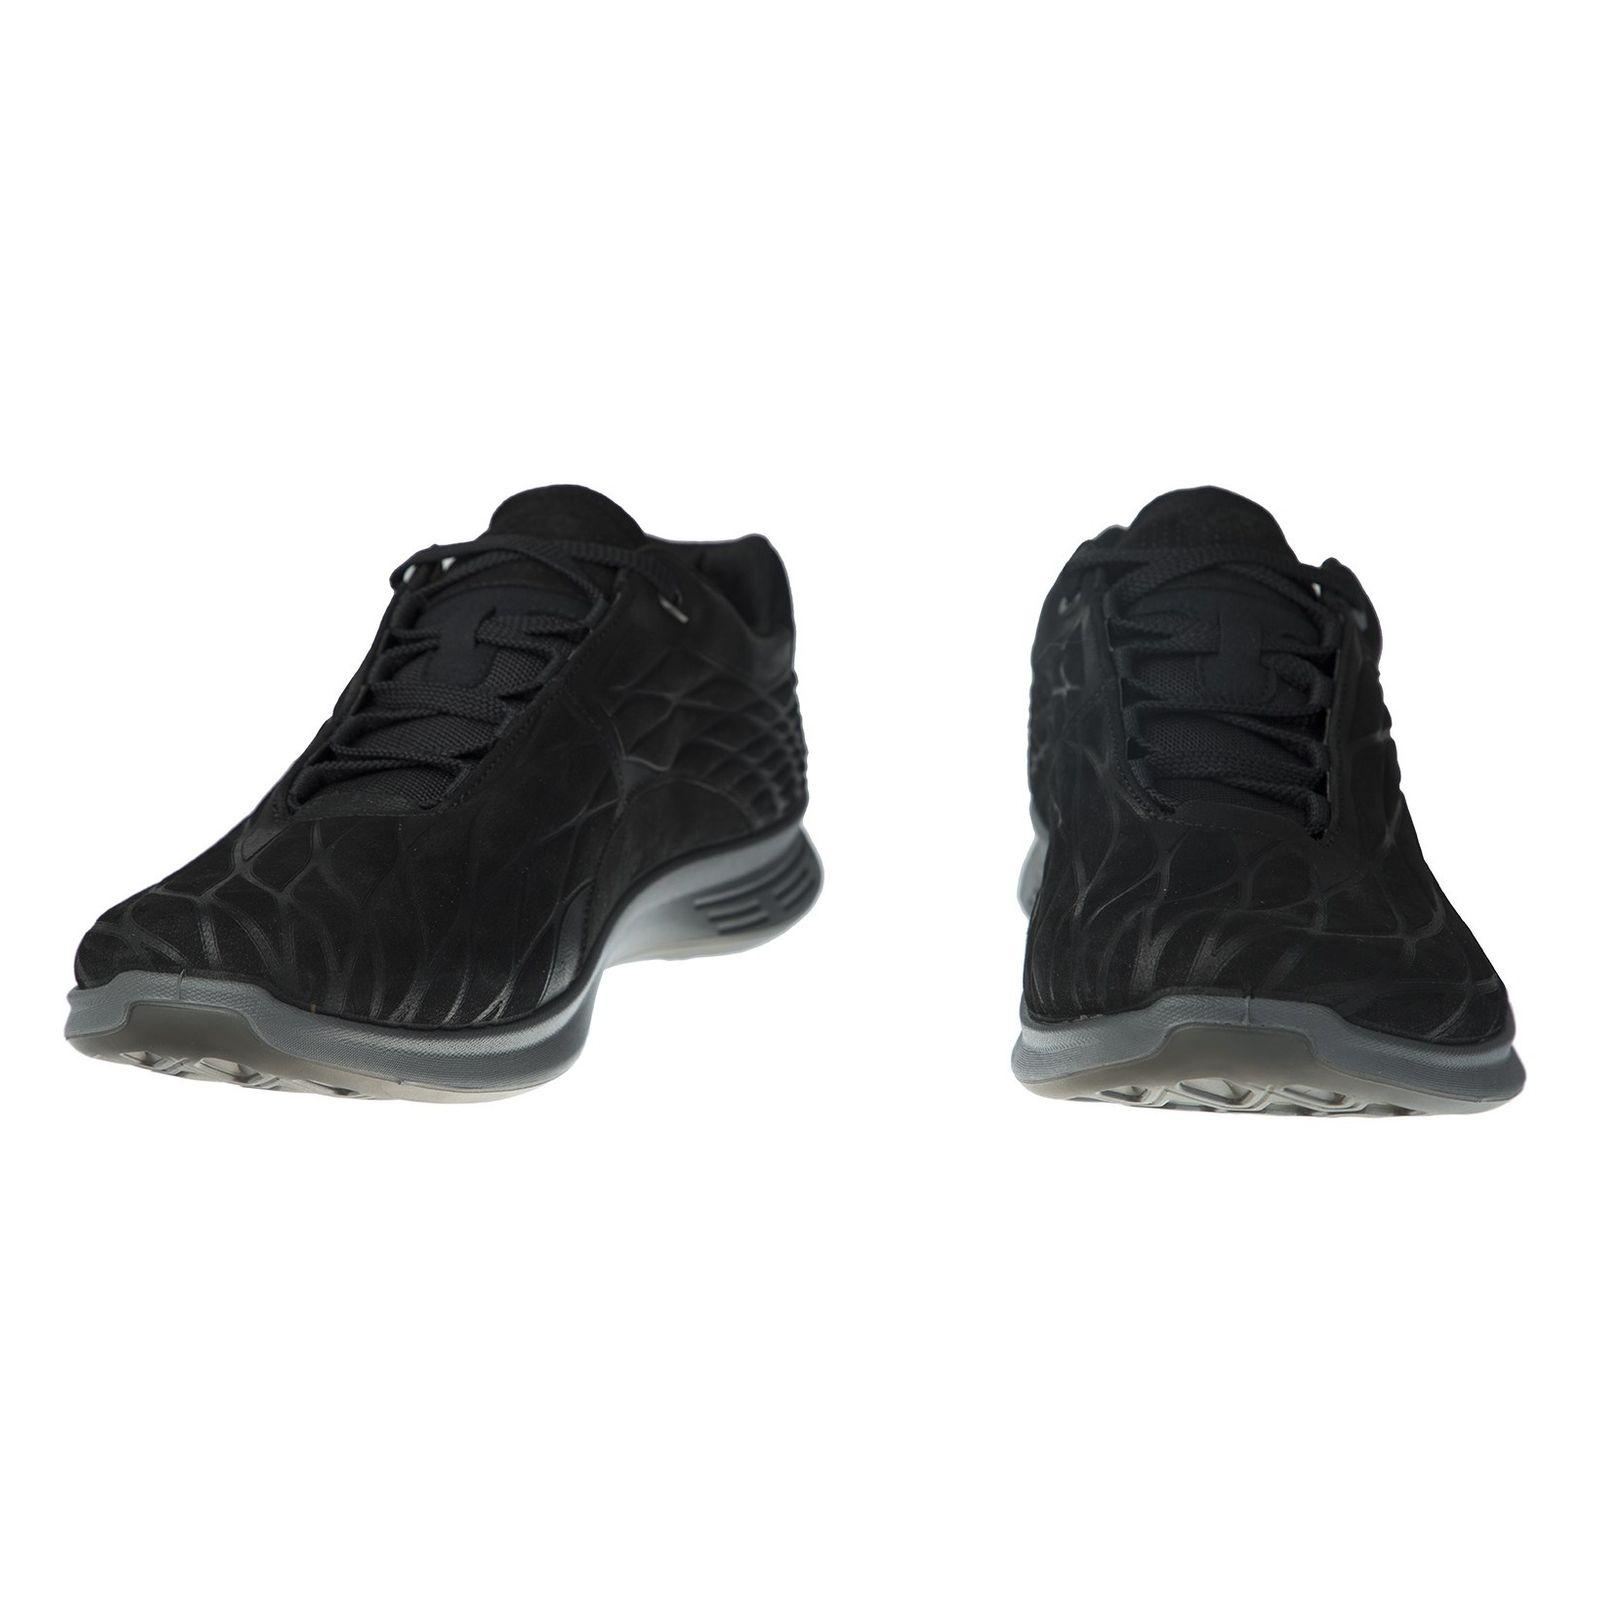 کفش ورزشی بندی مردانه Exceed - اکو - مشکي - 4